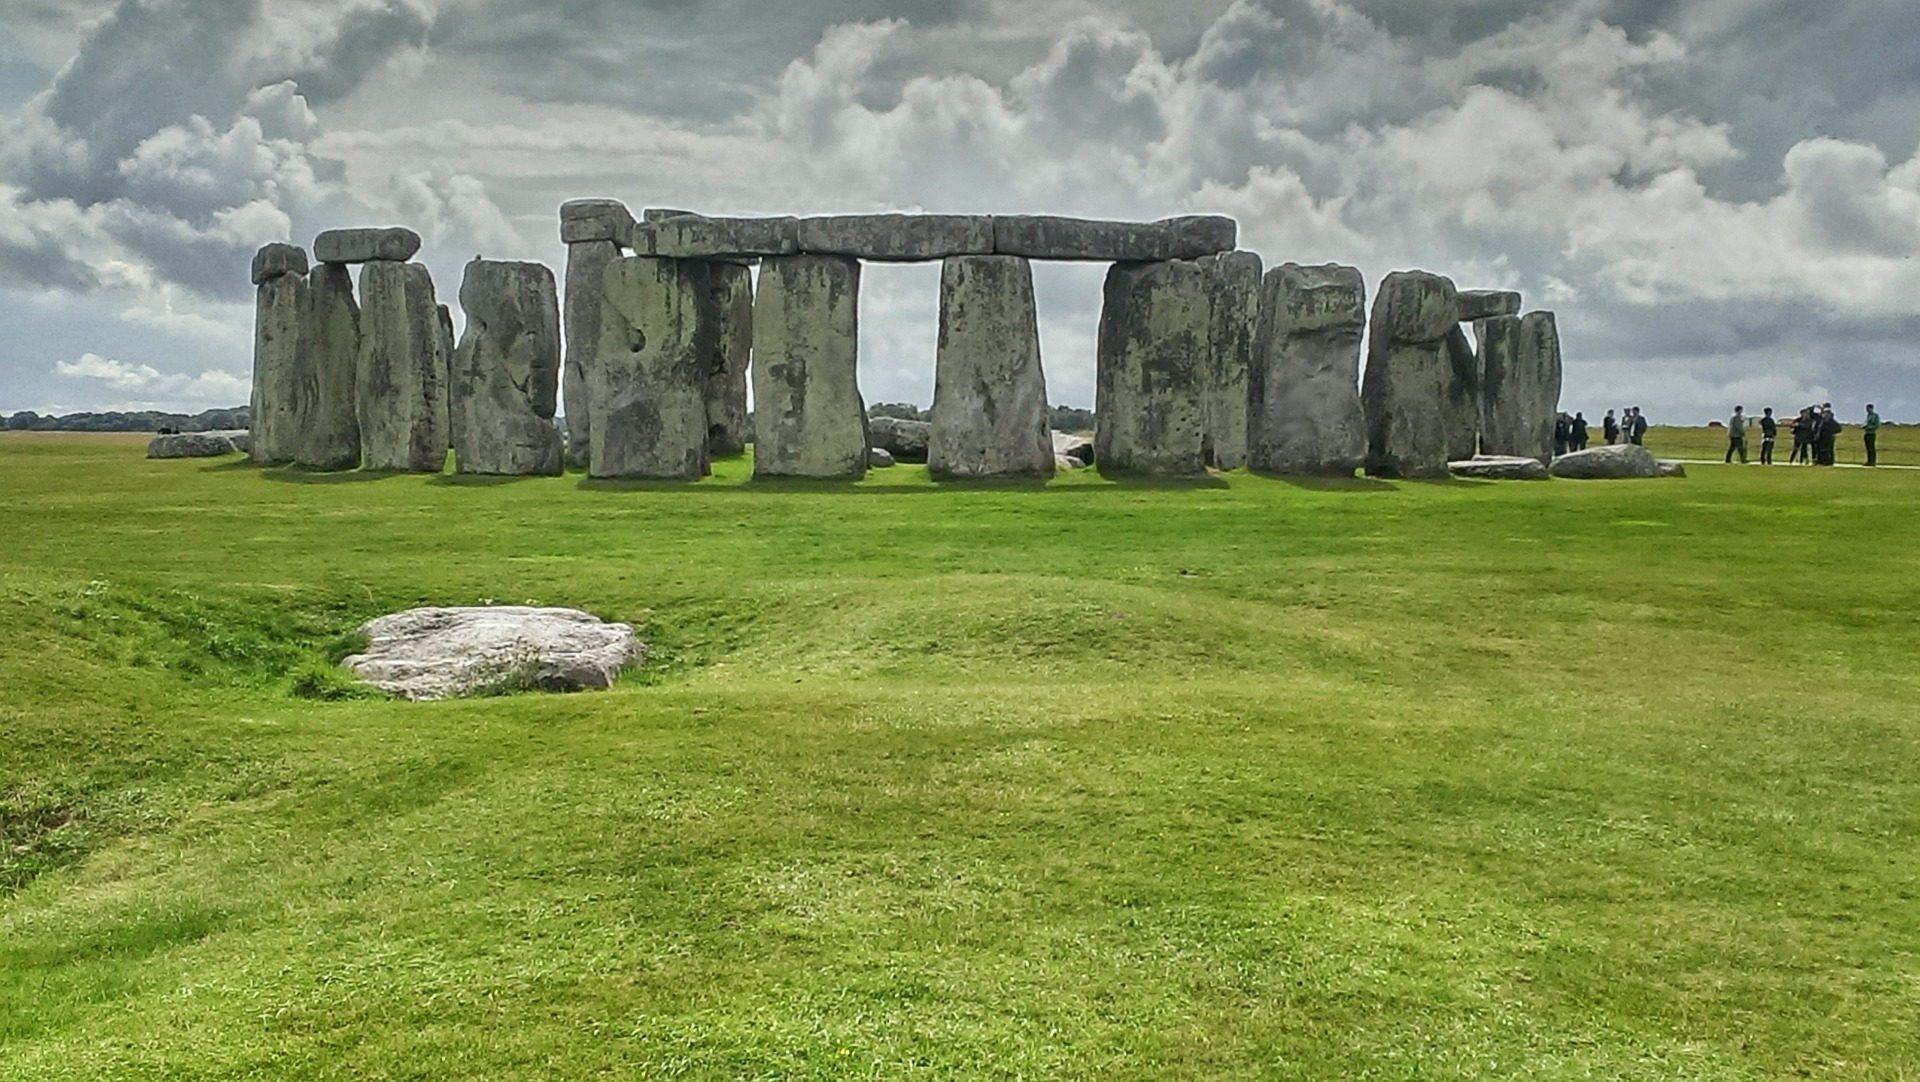 камни, Rocas, обучение, Структура, Стоунхендж, предки - Обои HD - Профессор falken.com